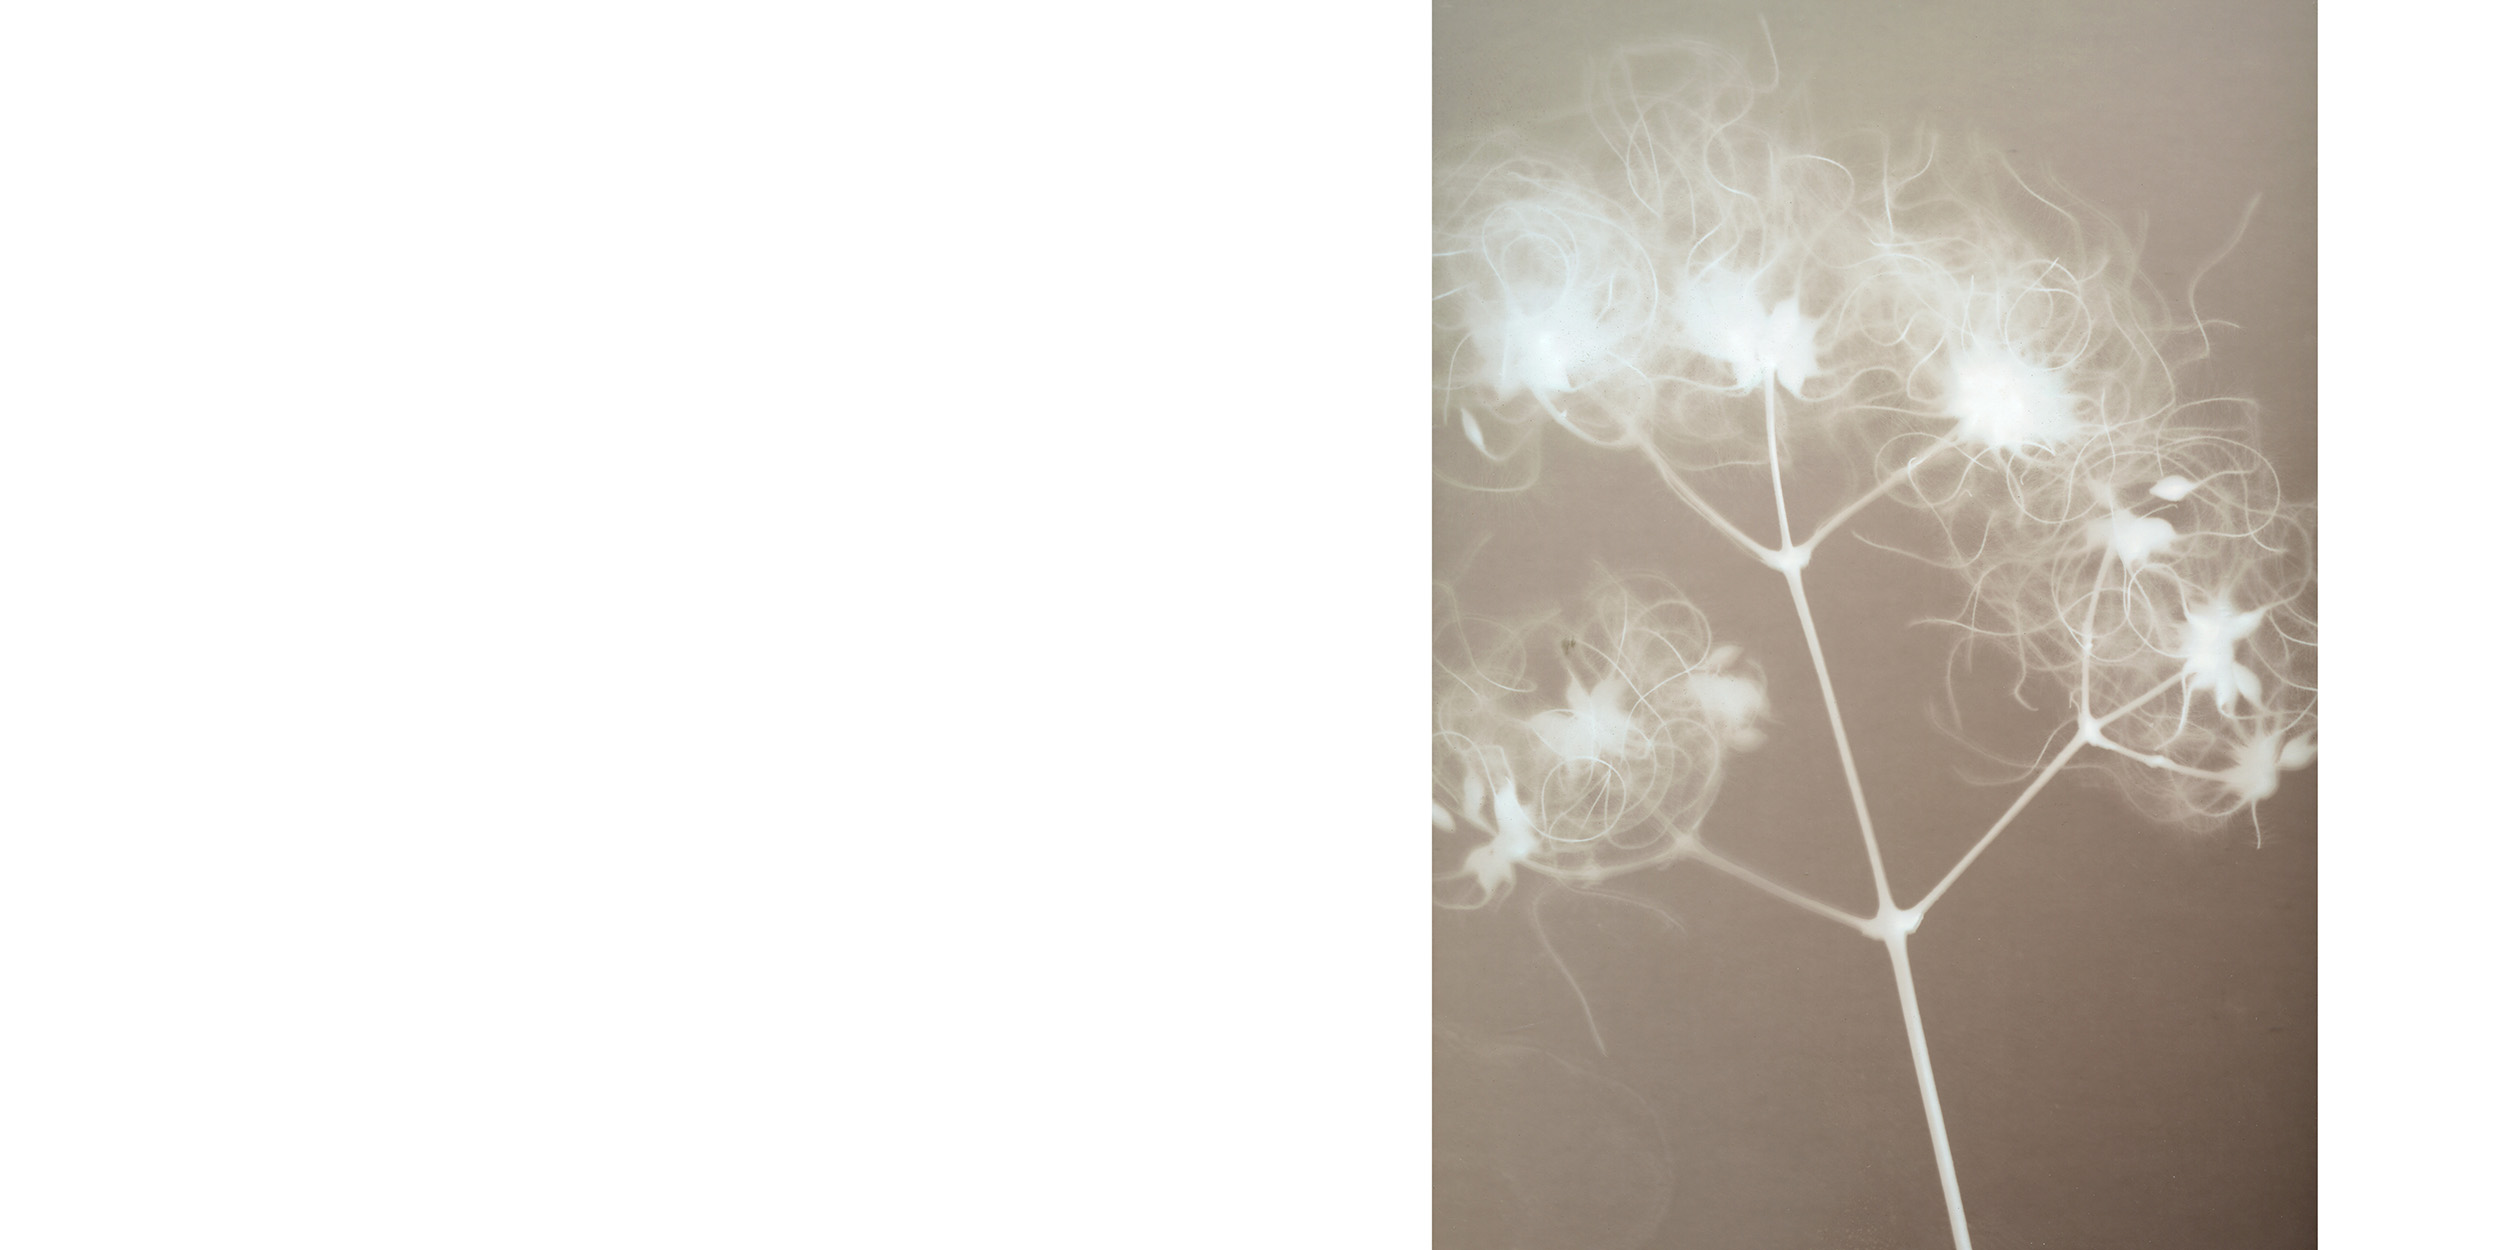 fotoskolen fatamorgana_44-45.jpg